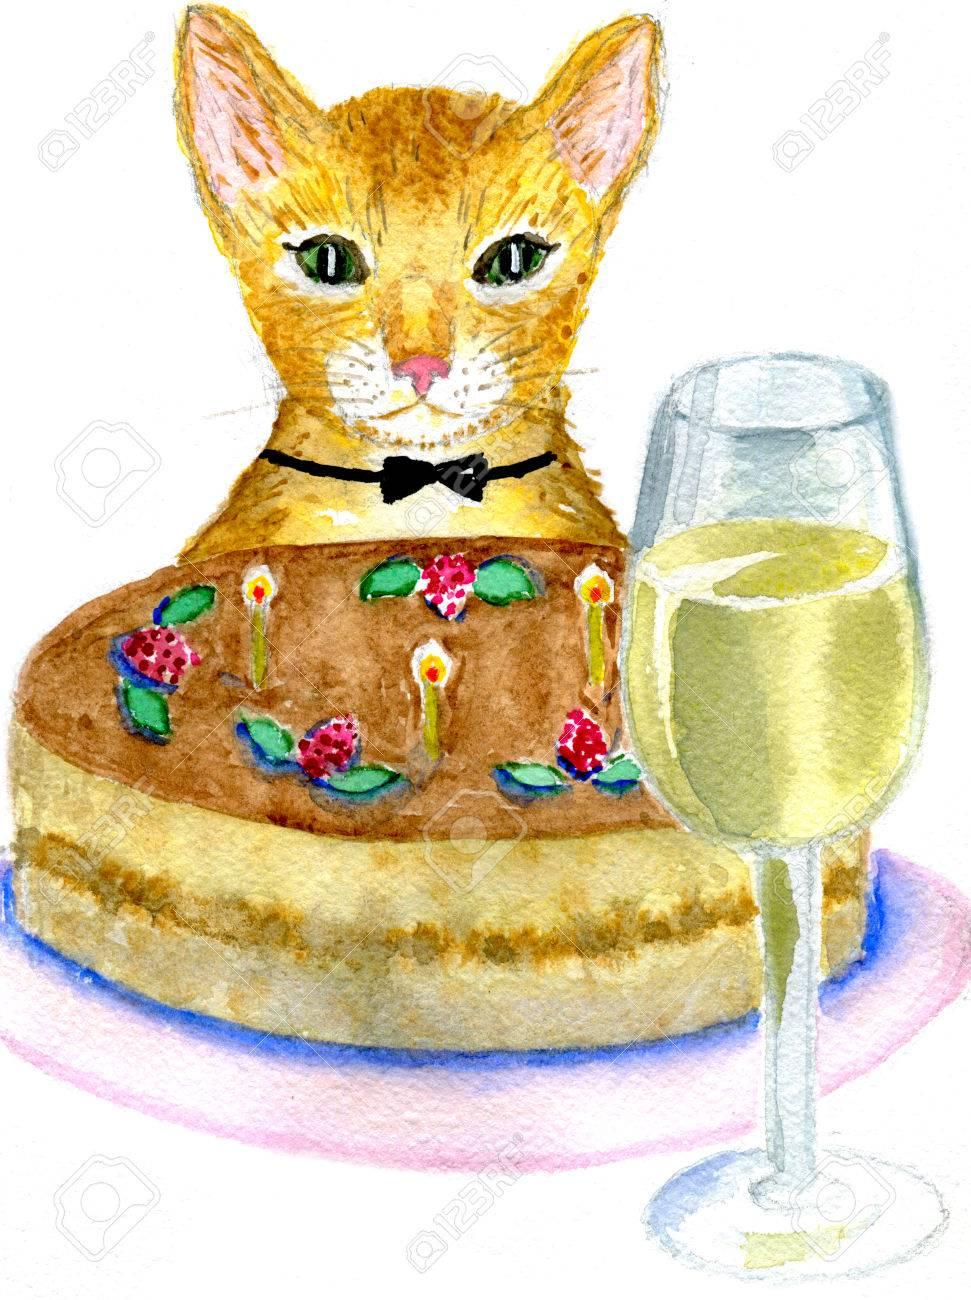 Katzen Geburtstag Katze Mit Kuchen Und Ein Glas Wein Auf Einem